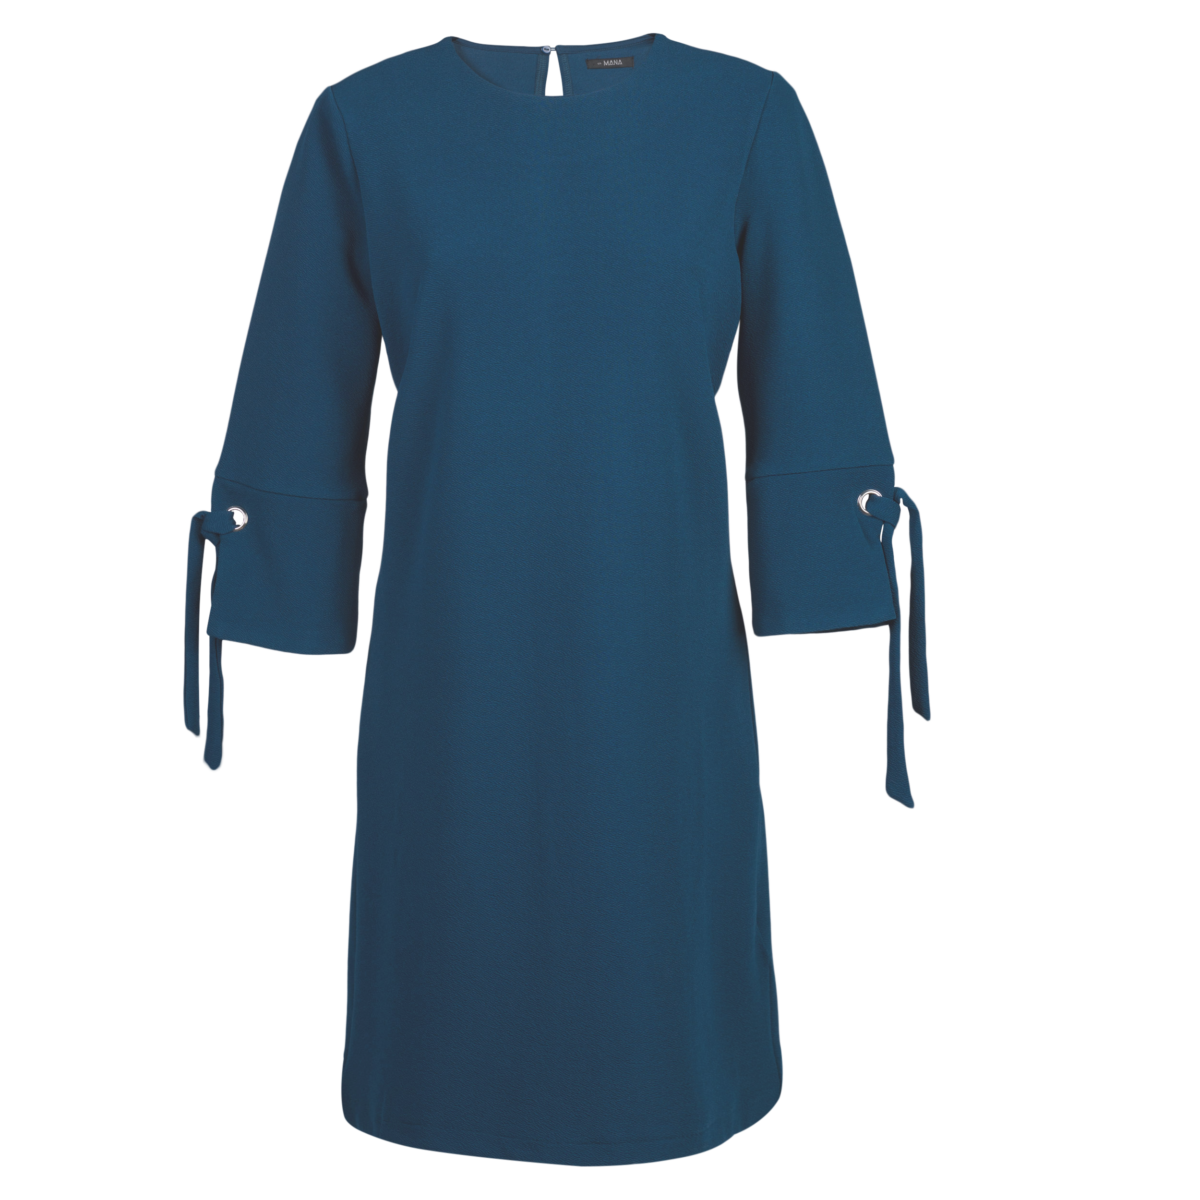 Ženska tunika, temno modra